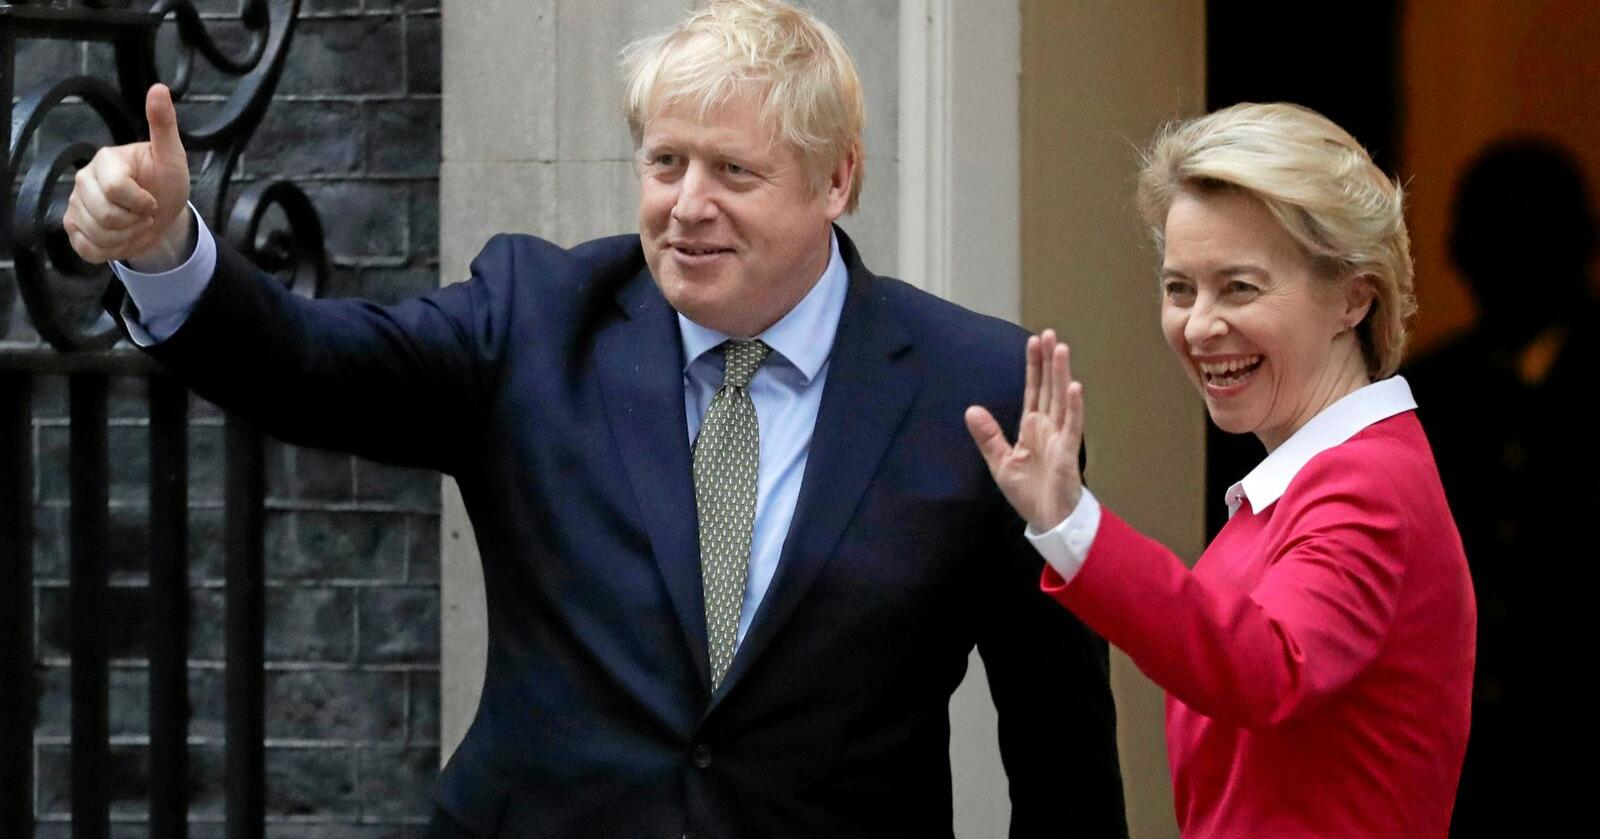 Skal føre Storbritannia ut: Den britiske statsministeren Boris Johnson og EU-kommisjonens president Ursula von der Leyen møttes tidligere i januar. Foto: Matt Dunham / AP / NTB scanpix